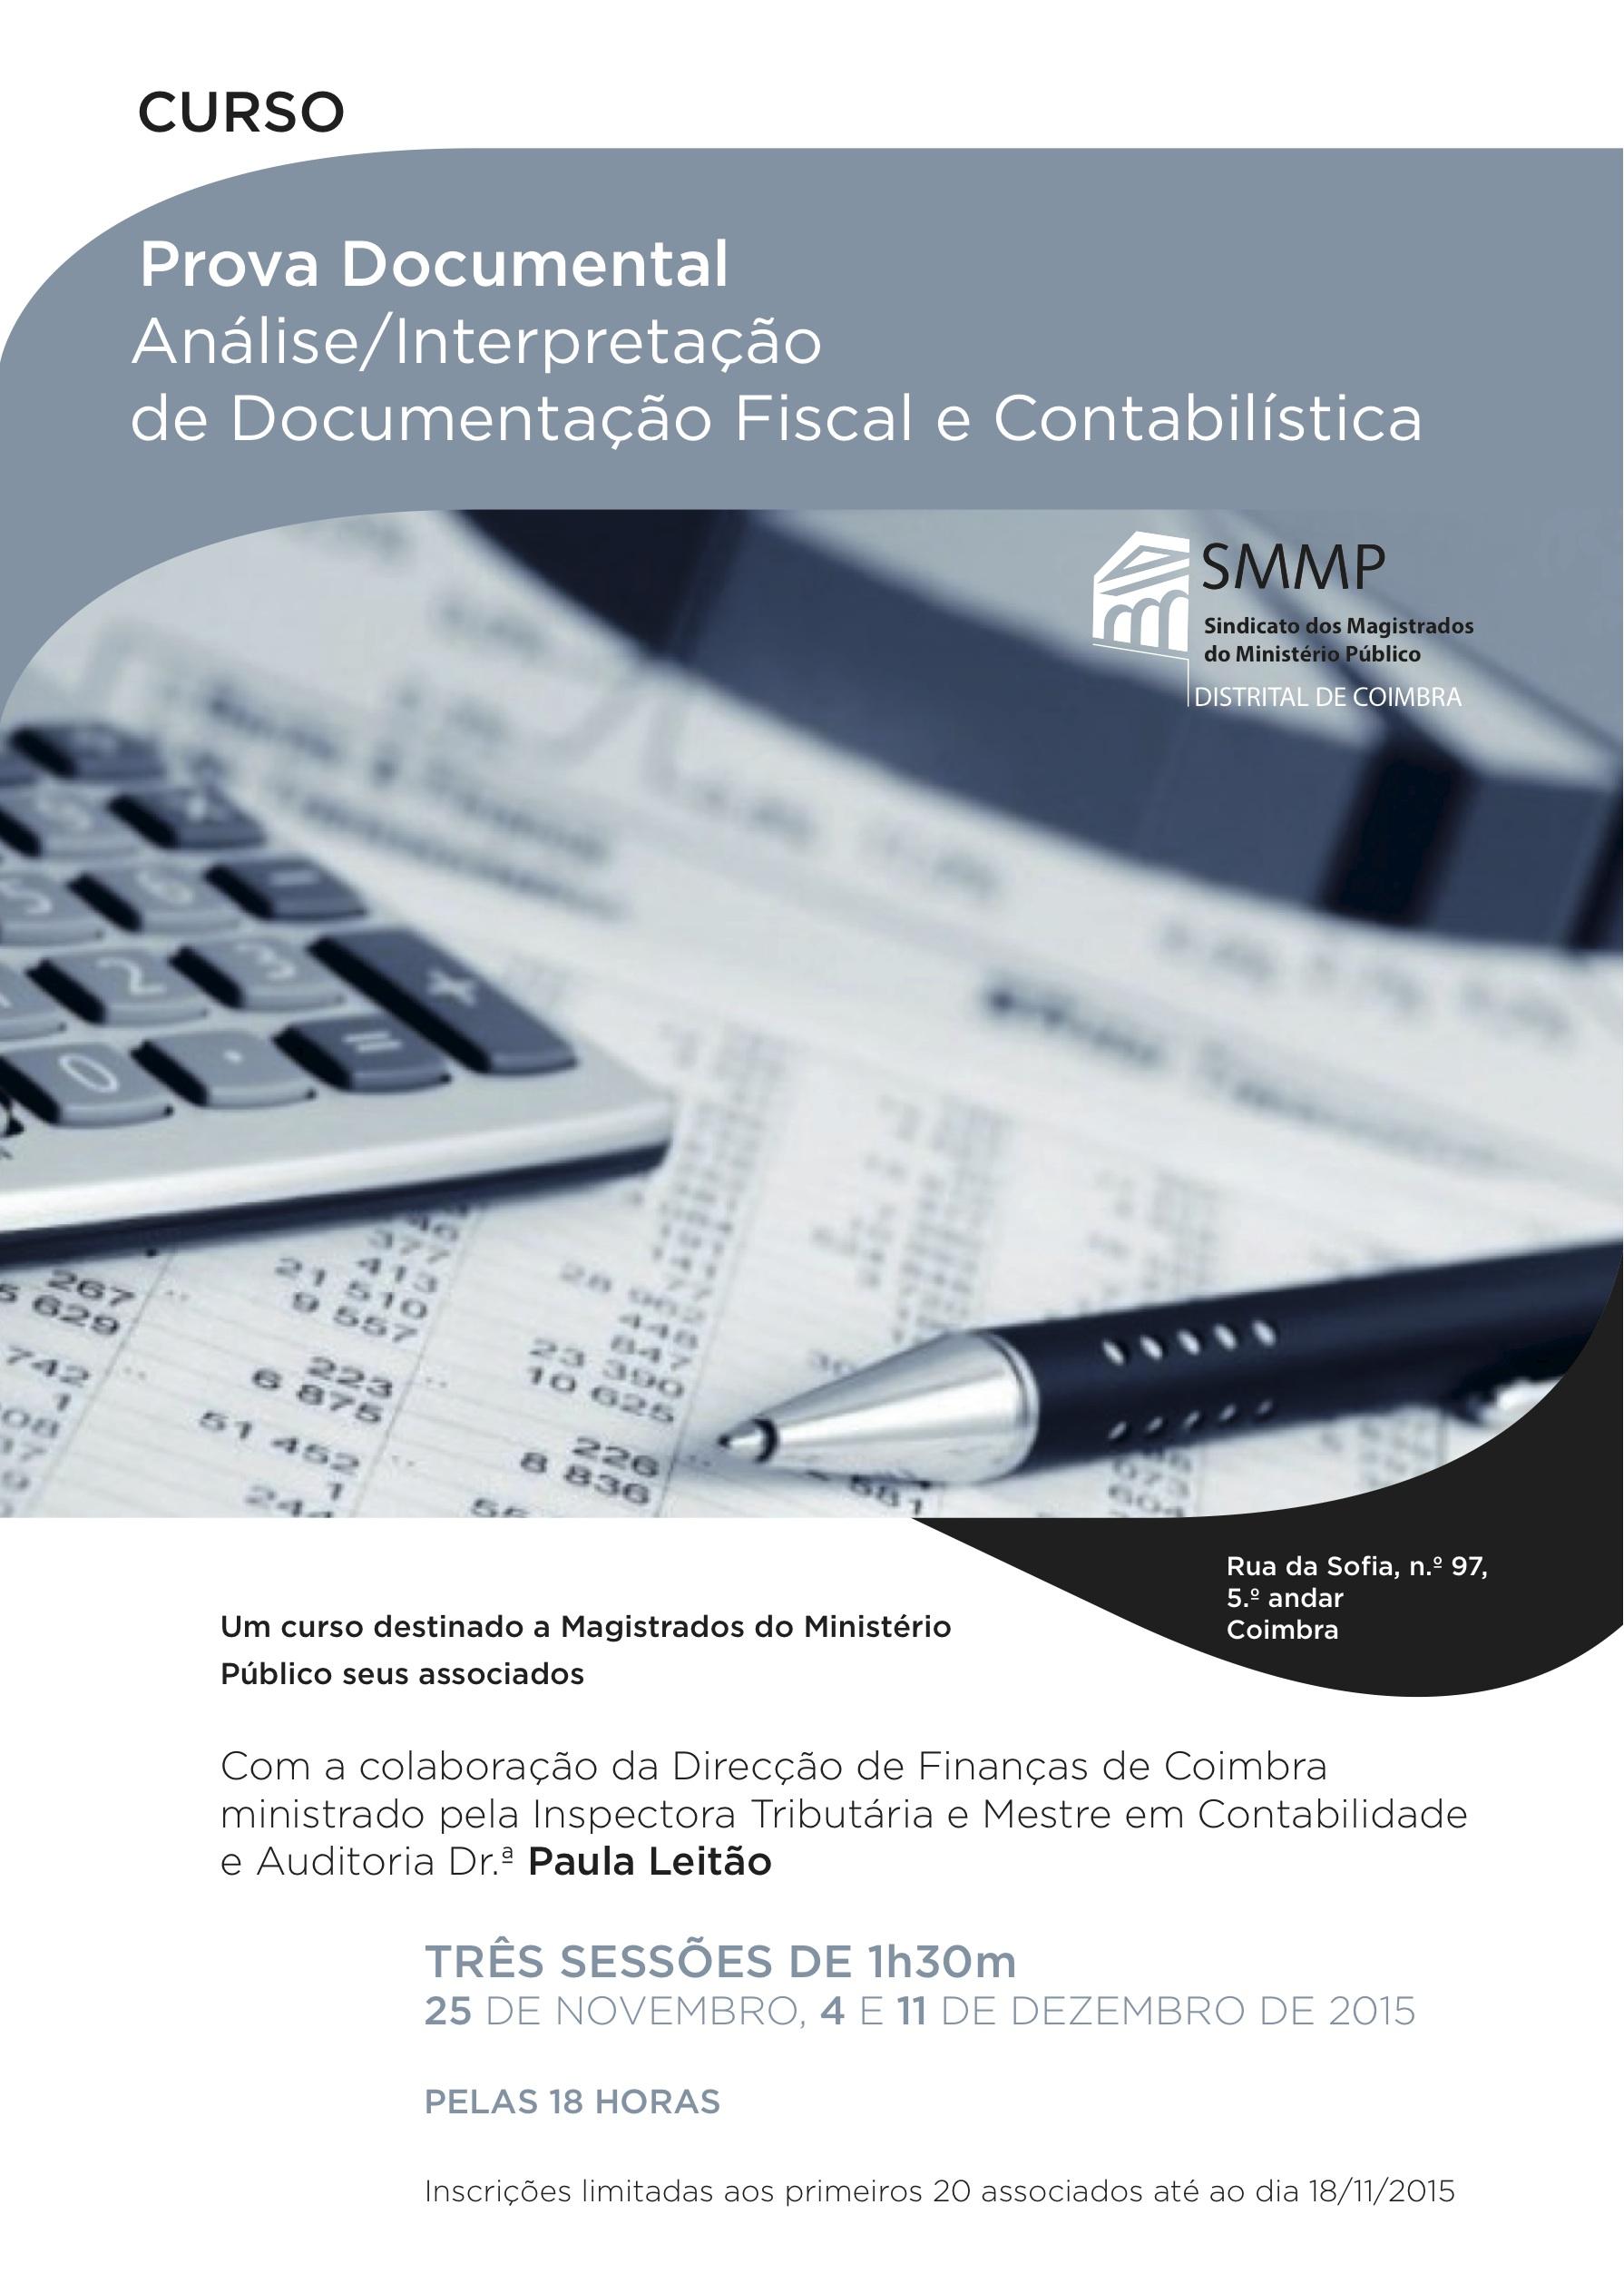 """Curso  """"Prova Documental – Análise/Interpretação de Documentação Fiscal e Contabilística"""